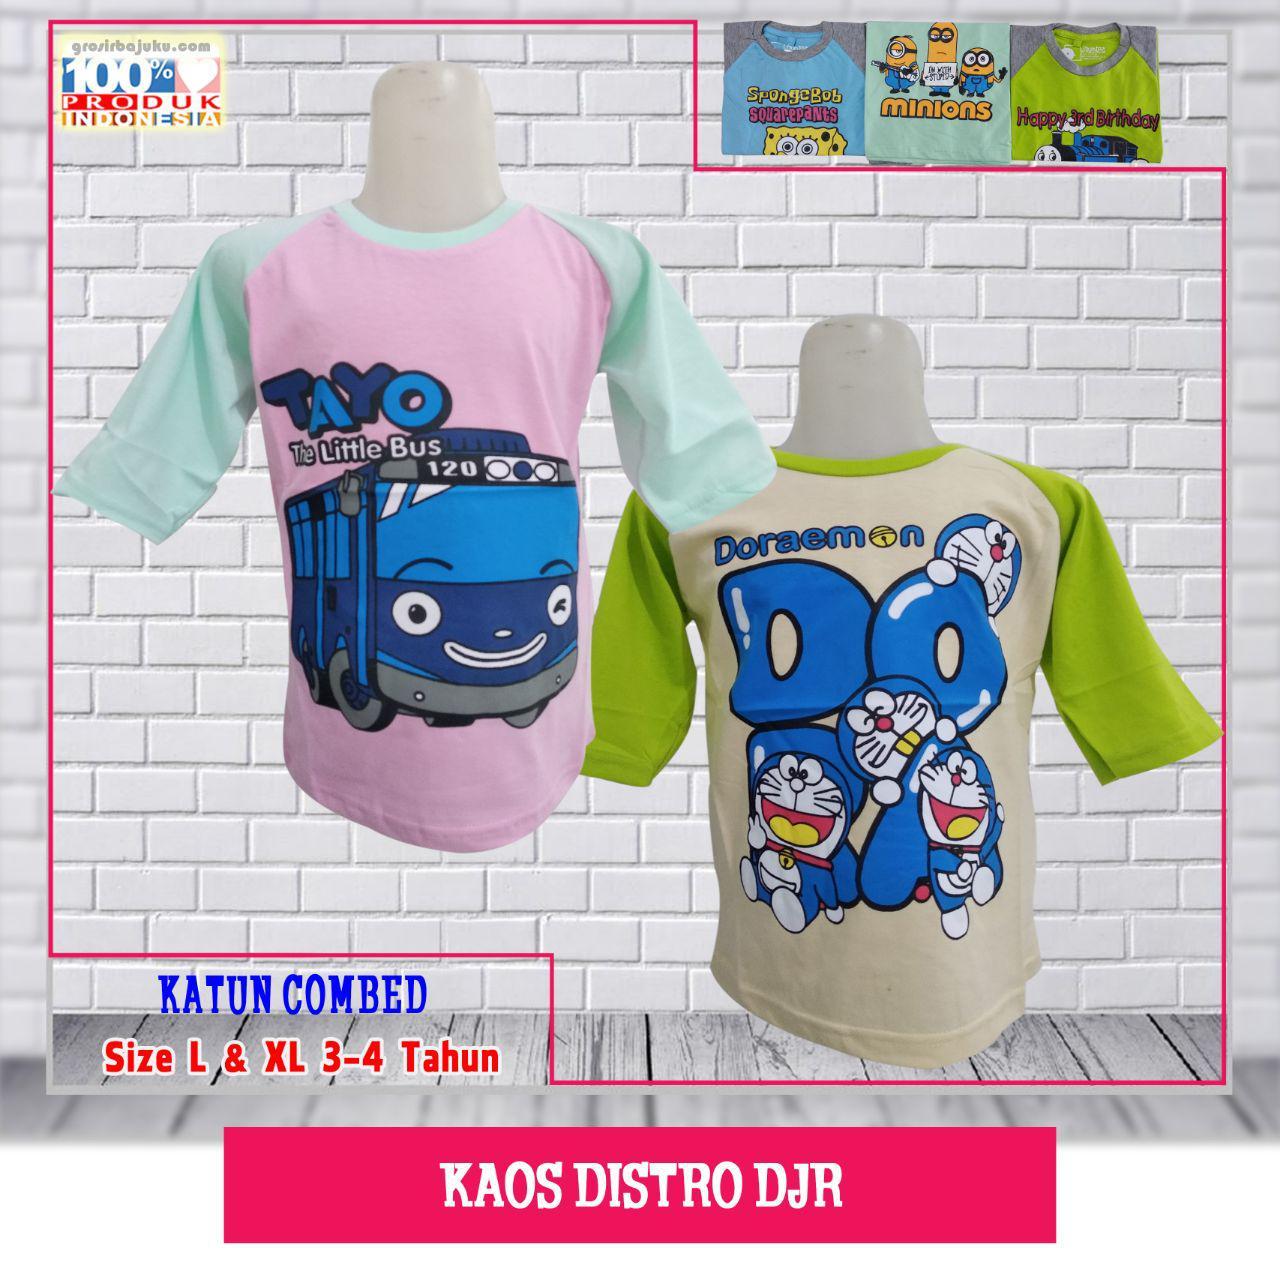 Pusat Kaos Distro DJR Murah - Dewa Grosir